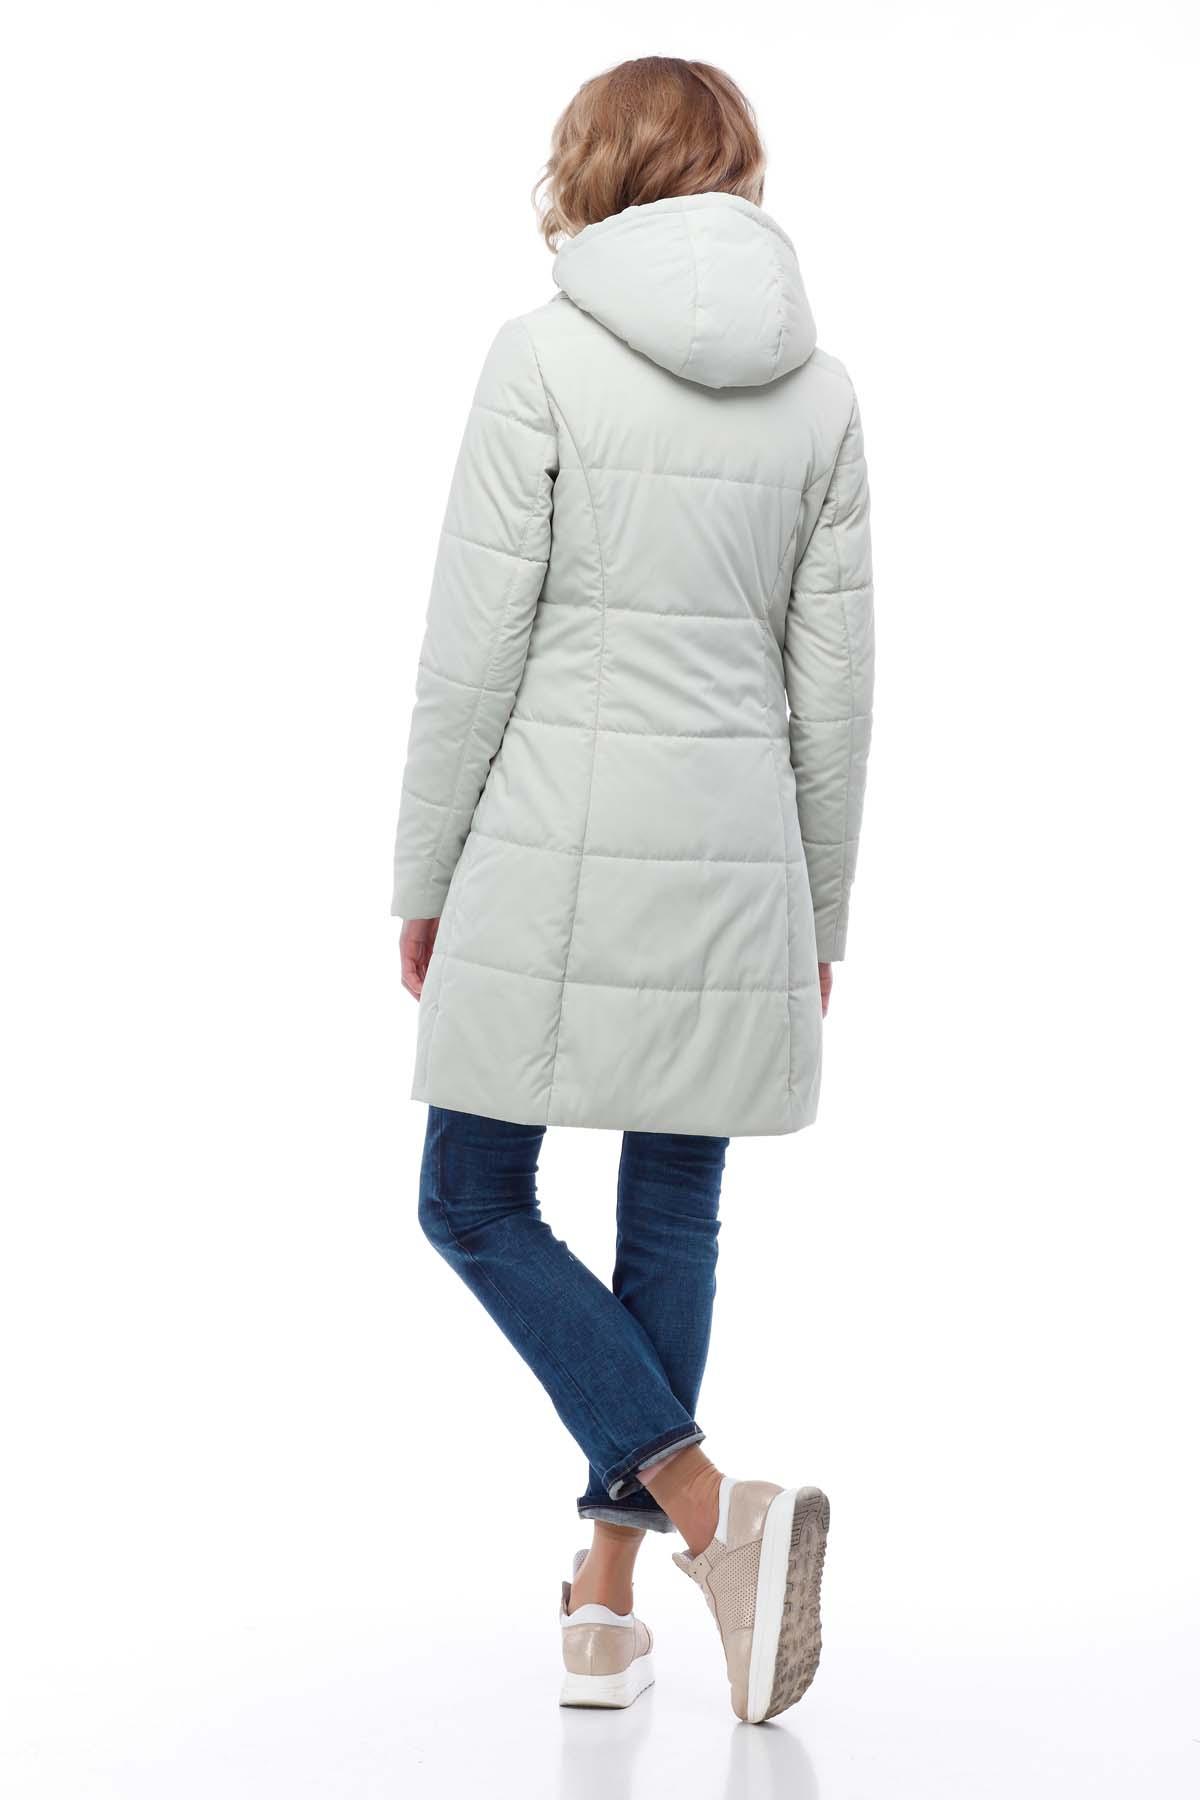 Пальто стеганое Лика св. оливка